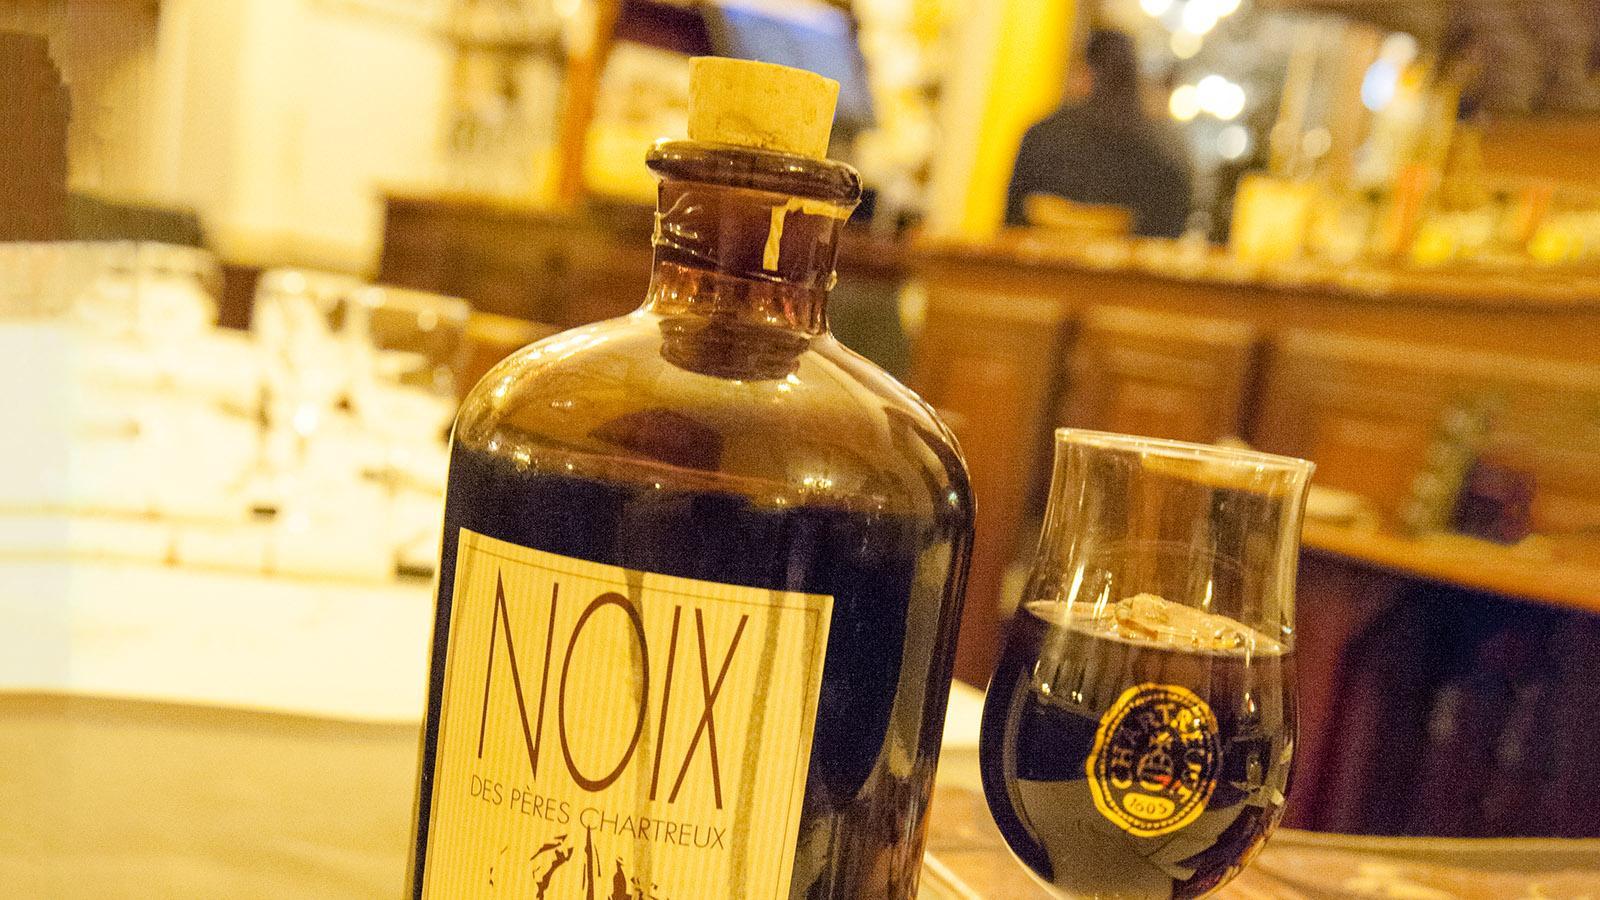 Köstlicher Haus-Aperitif: vin de noix. Foto: Hilke Maunder